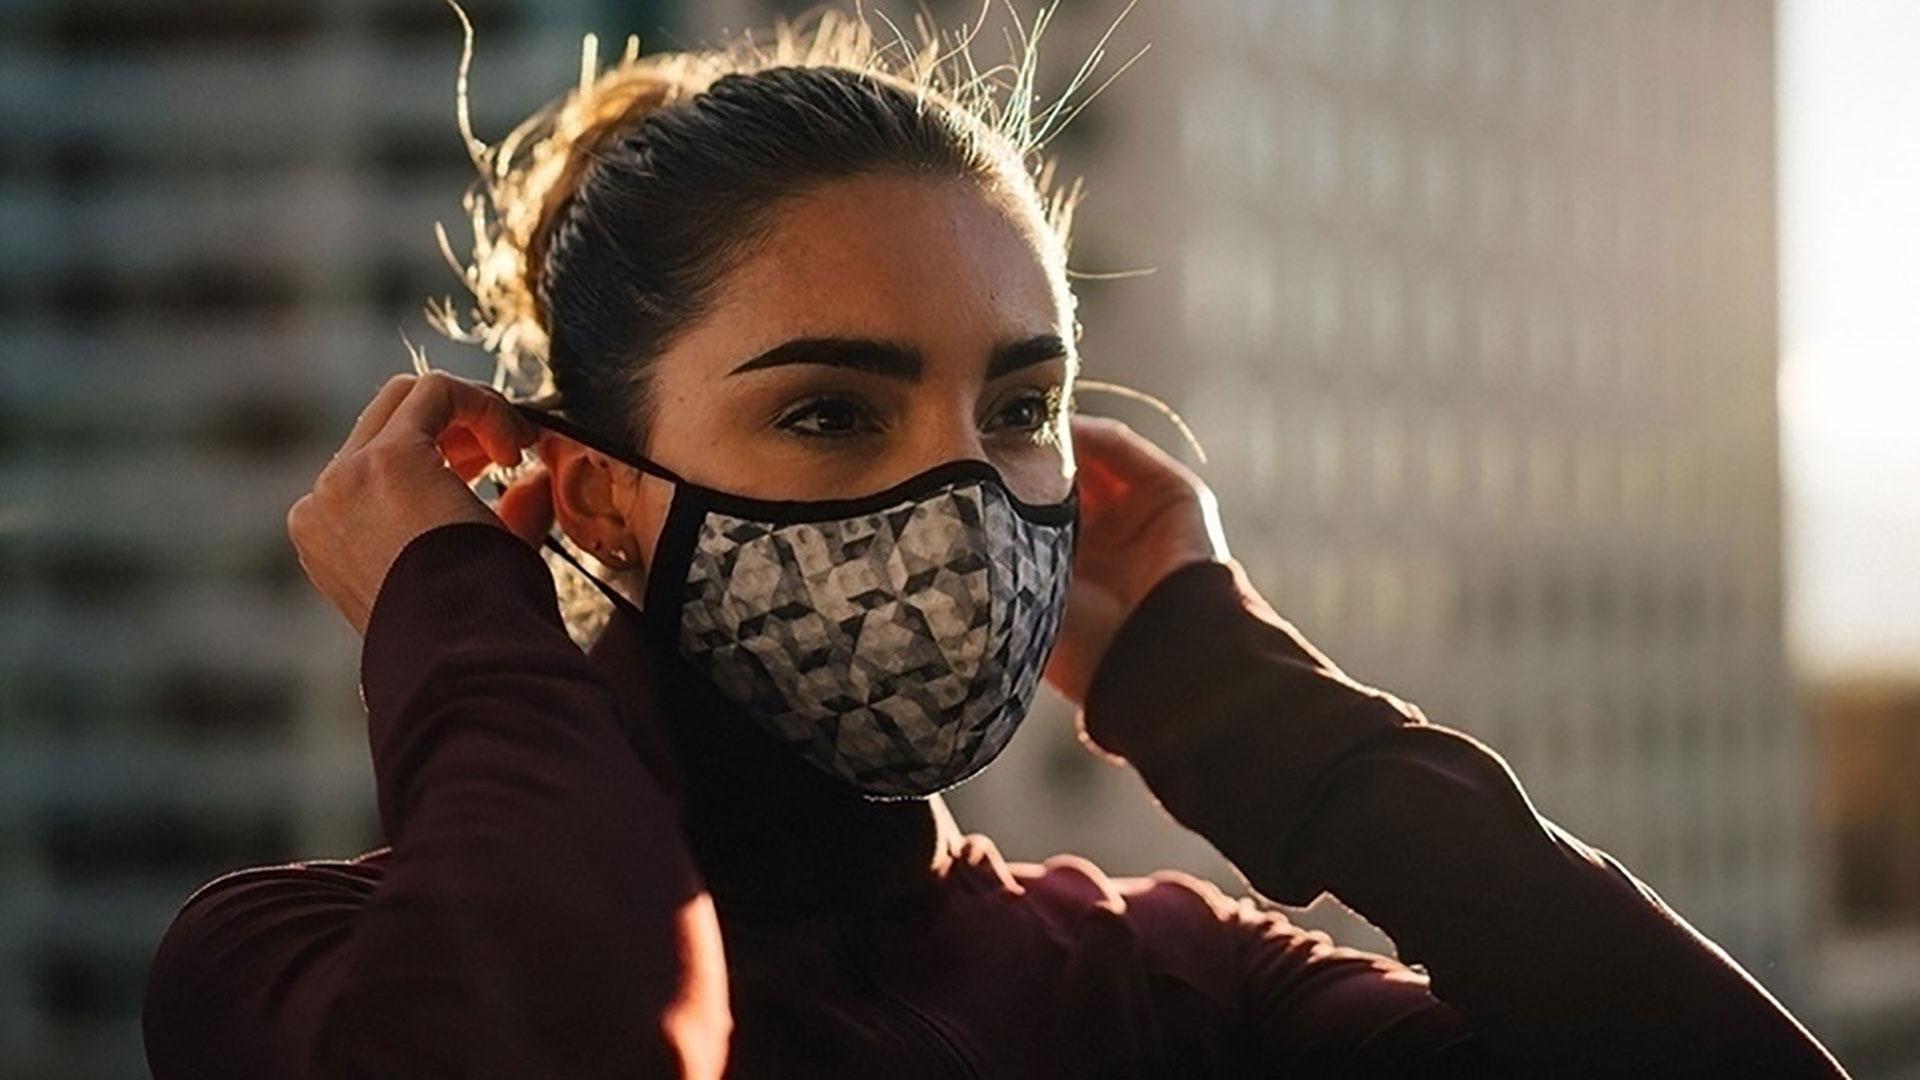 Scopri le più belle acconciature donna da realizzare con la mascherina